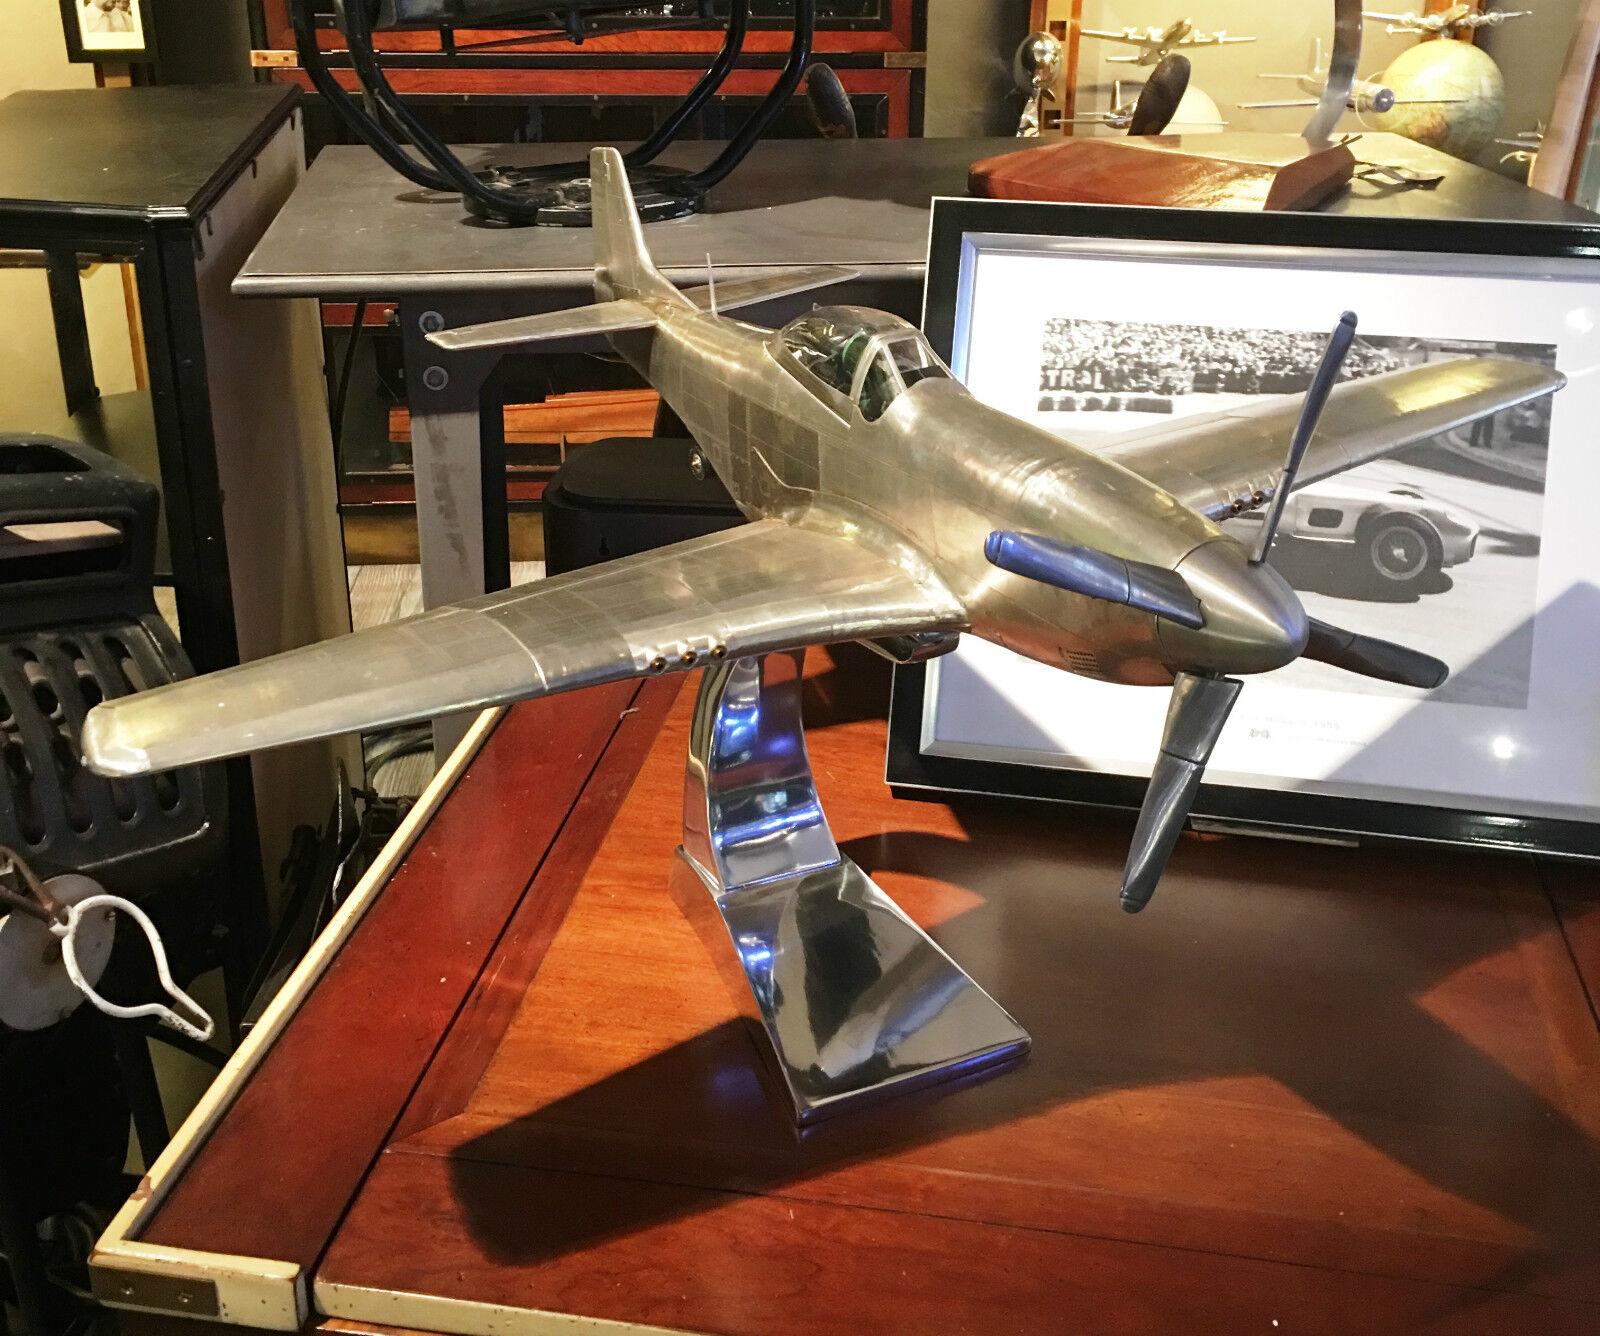 Nouveau  modèle d'avion NORTH AMERICAN p51 mustang, à la main modèle en métal